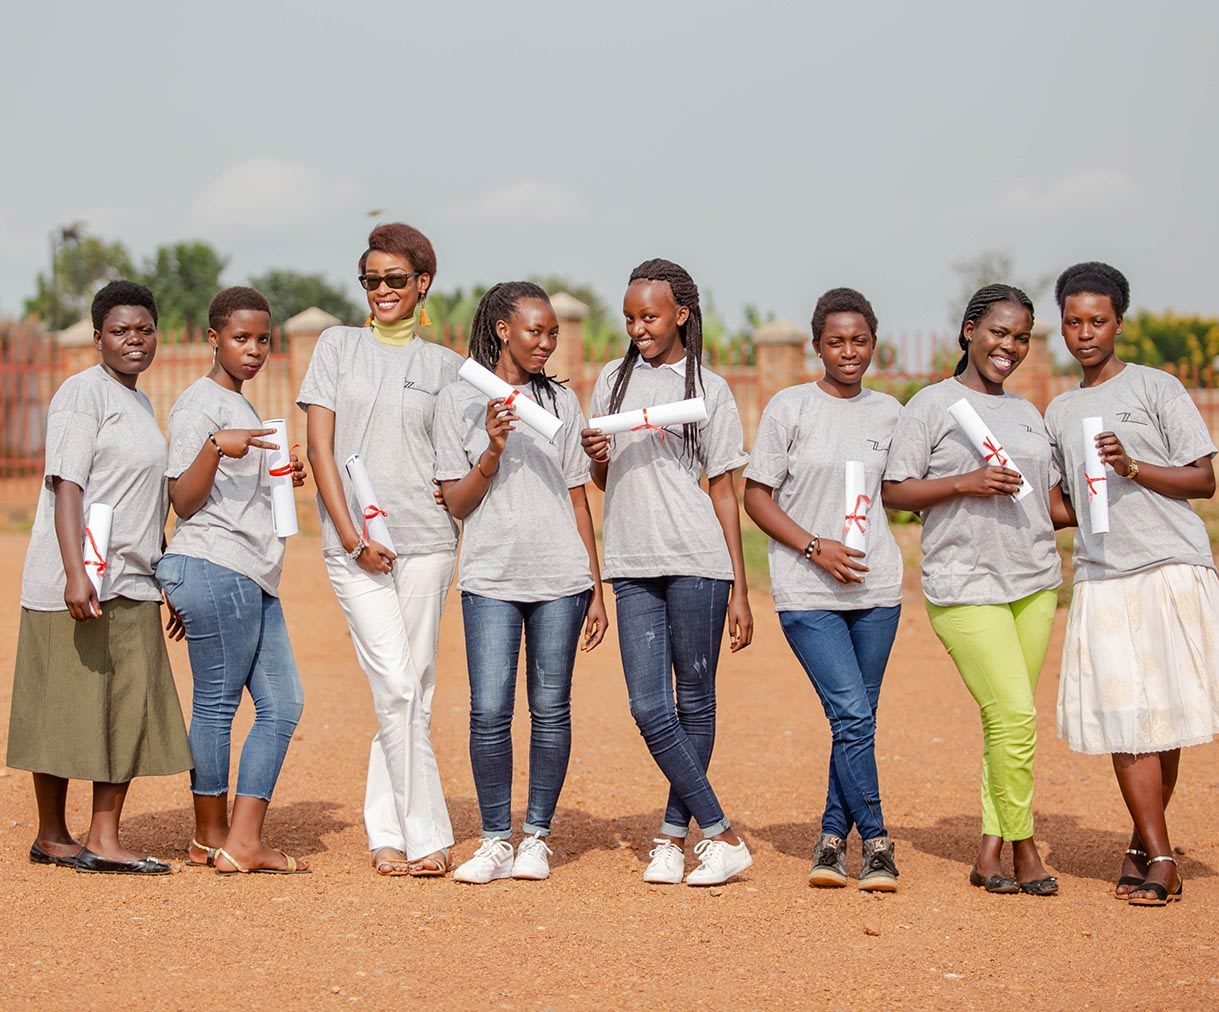 UZURI K&Y on duty of changing women's life